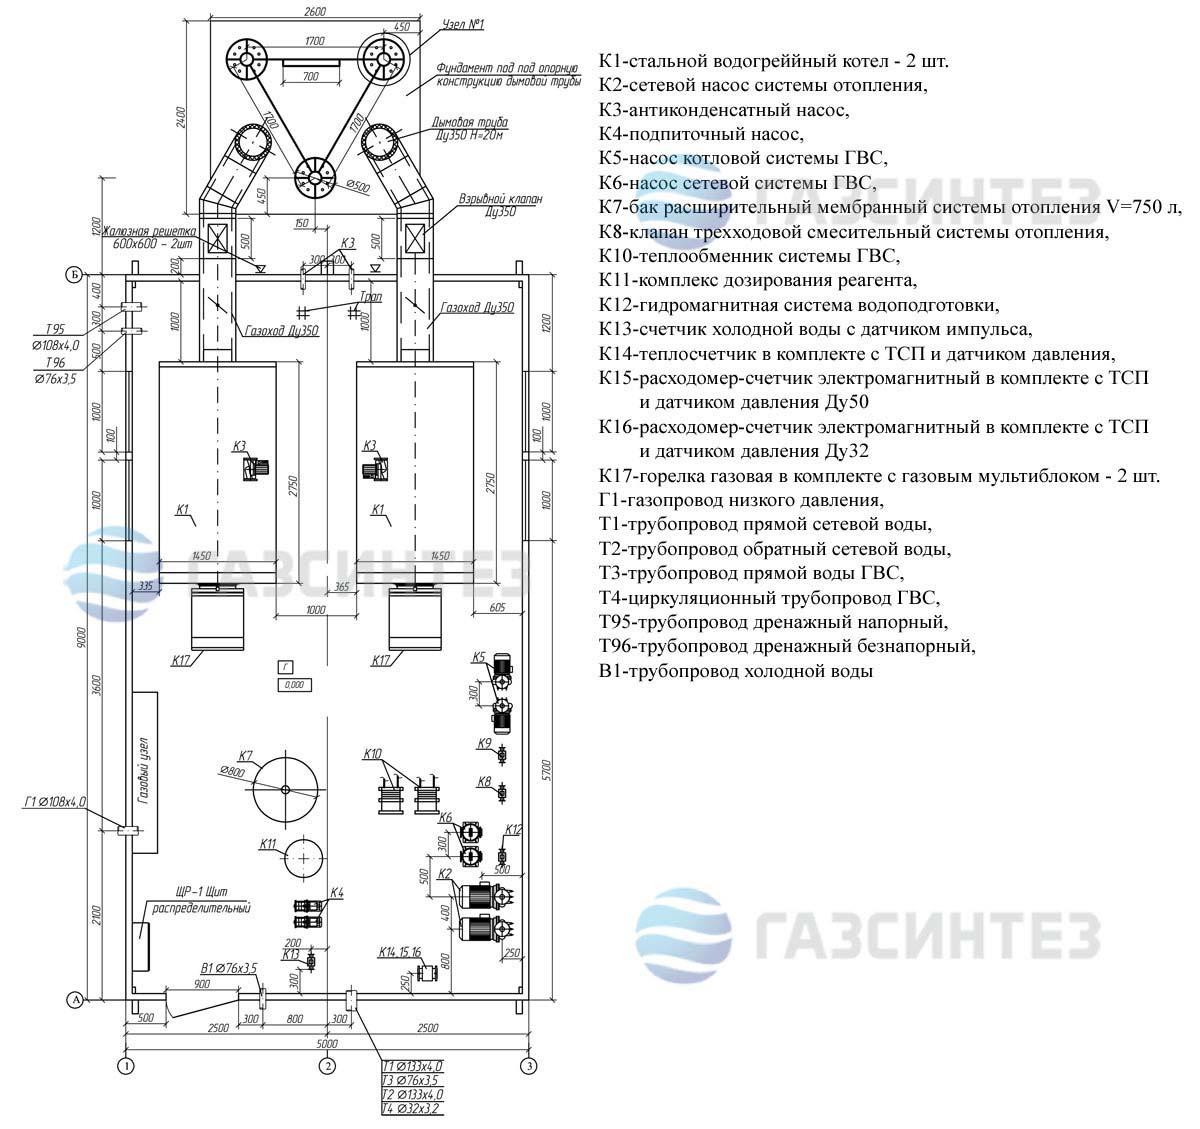 описание блочной котельной тку-500